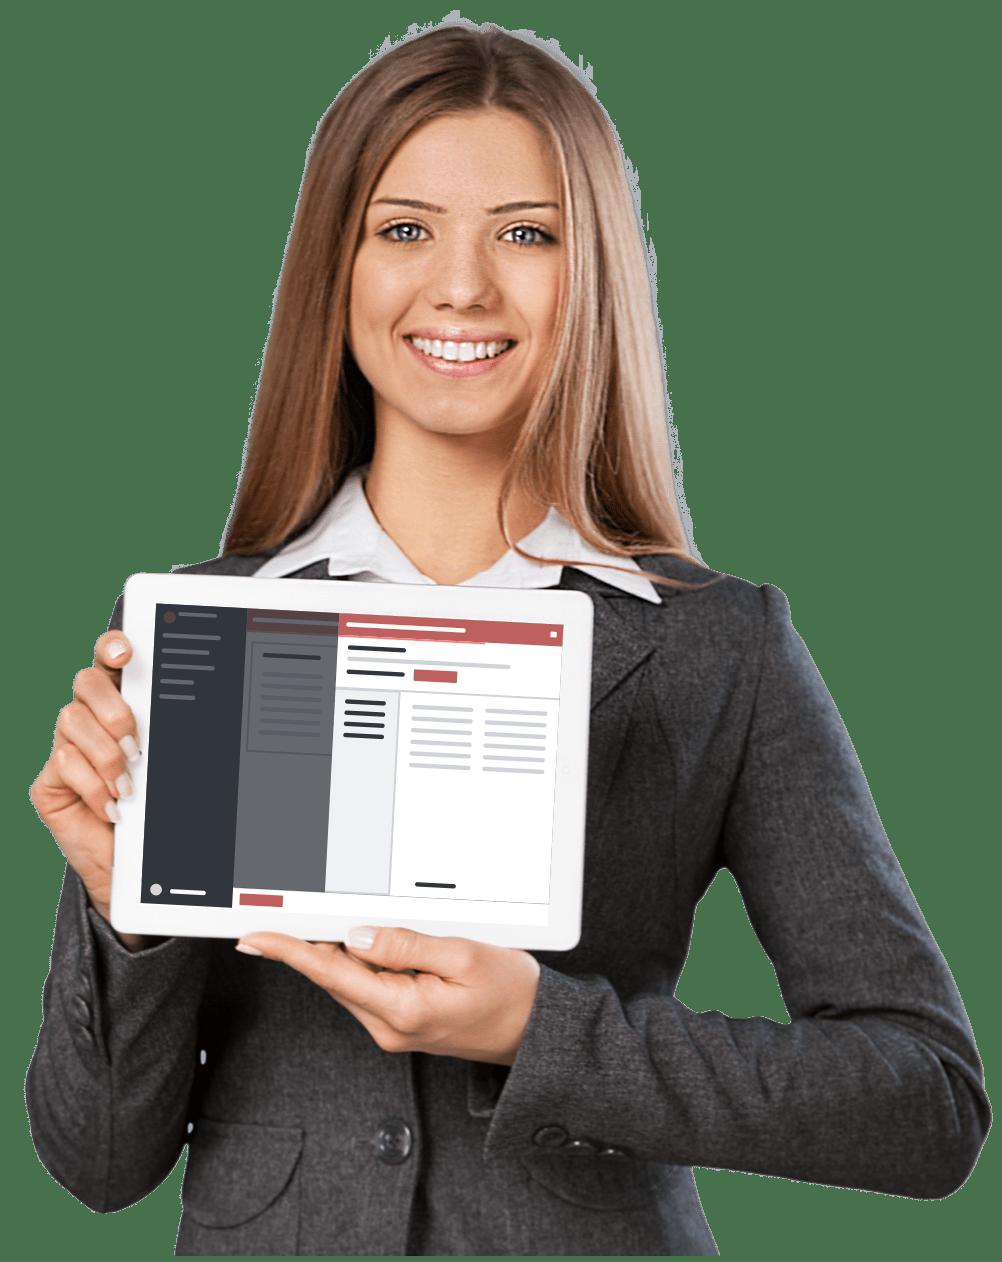 Segreteria HR Manager